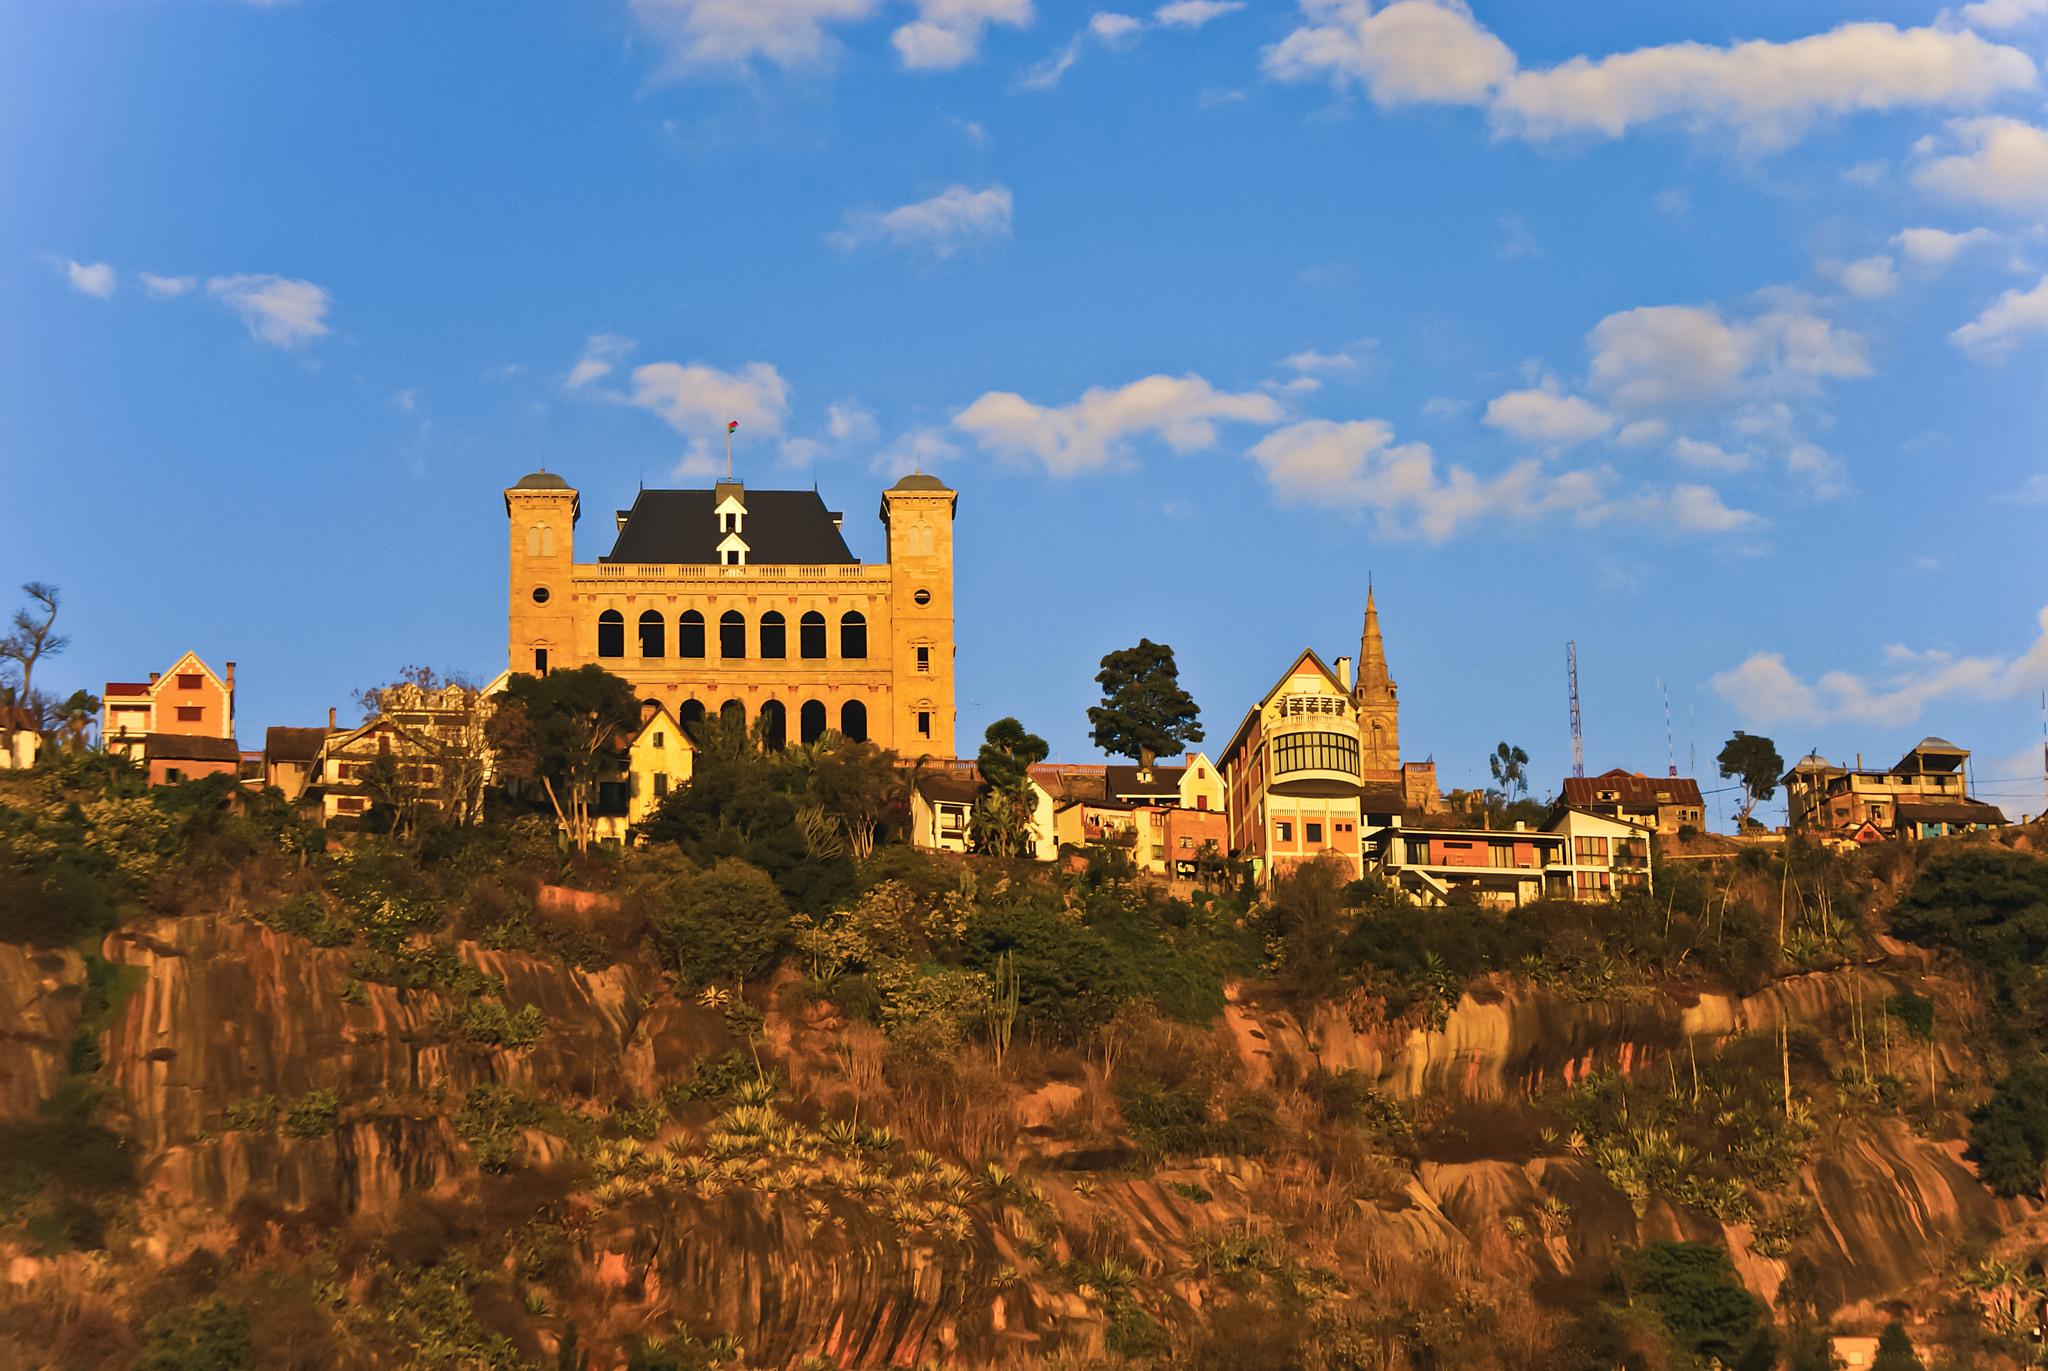 palais de la reine antananarivo madagascar